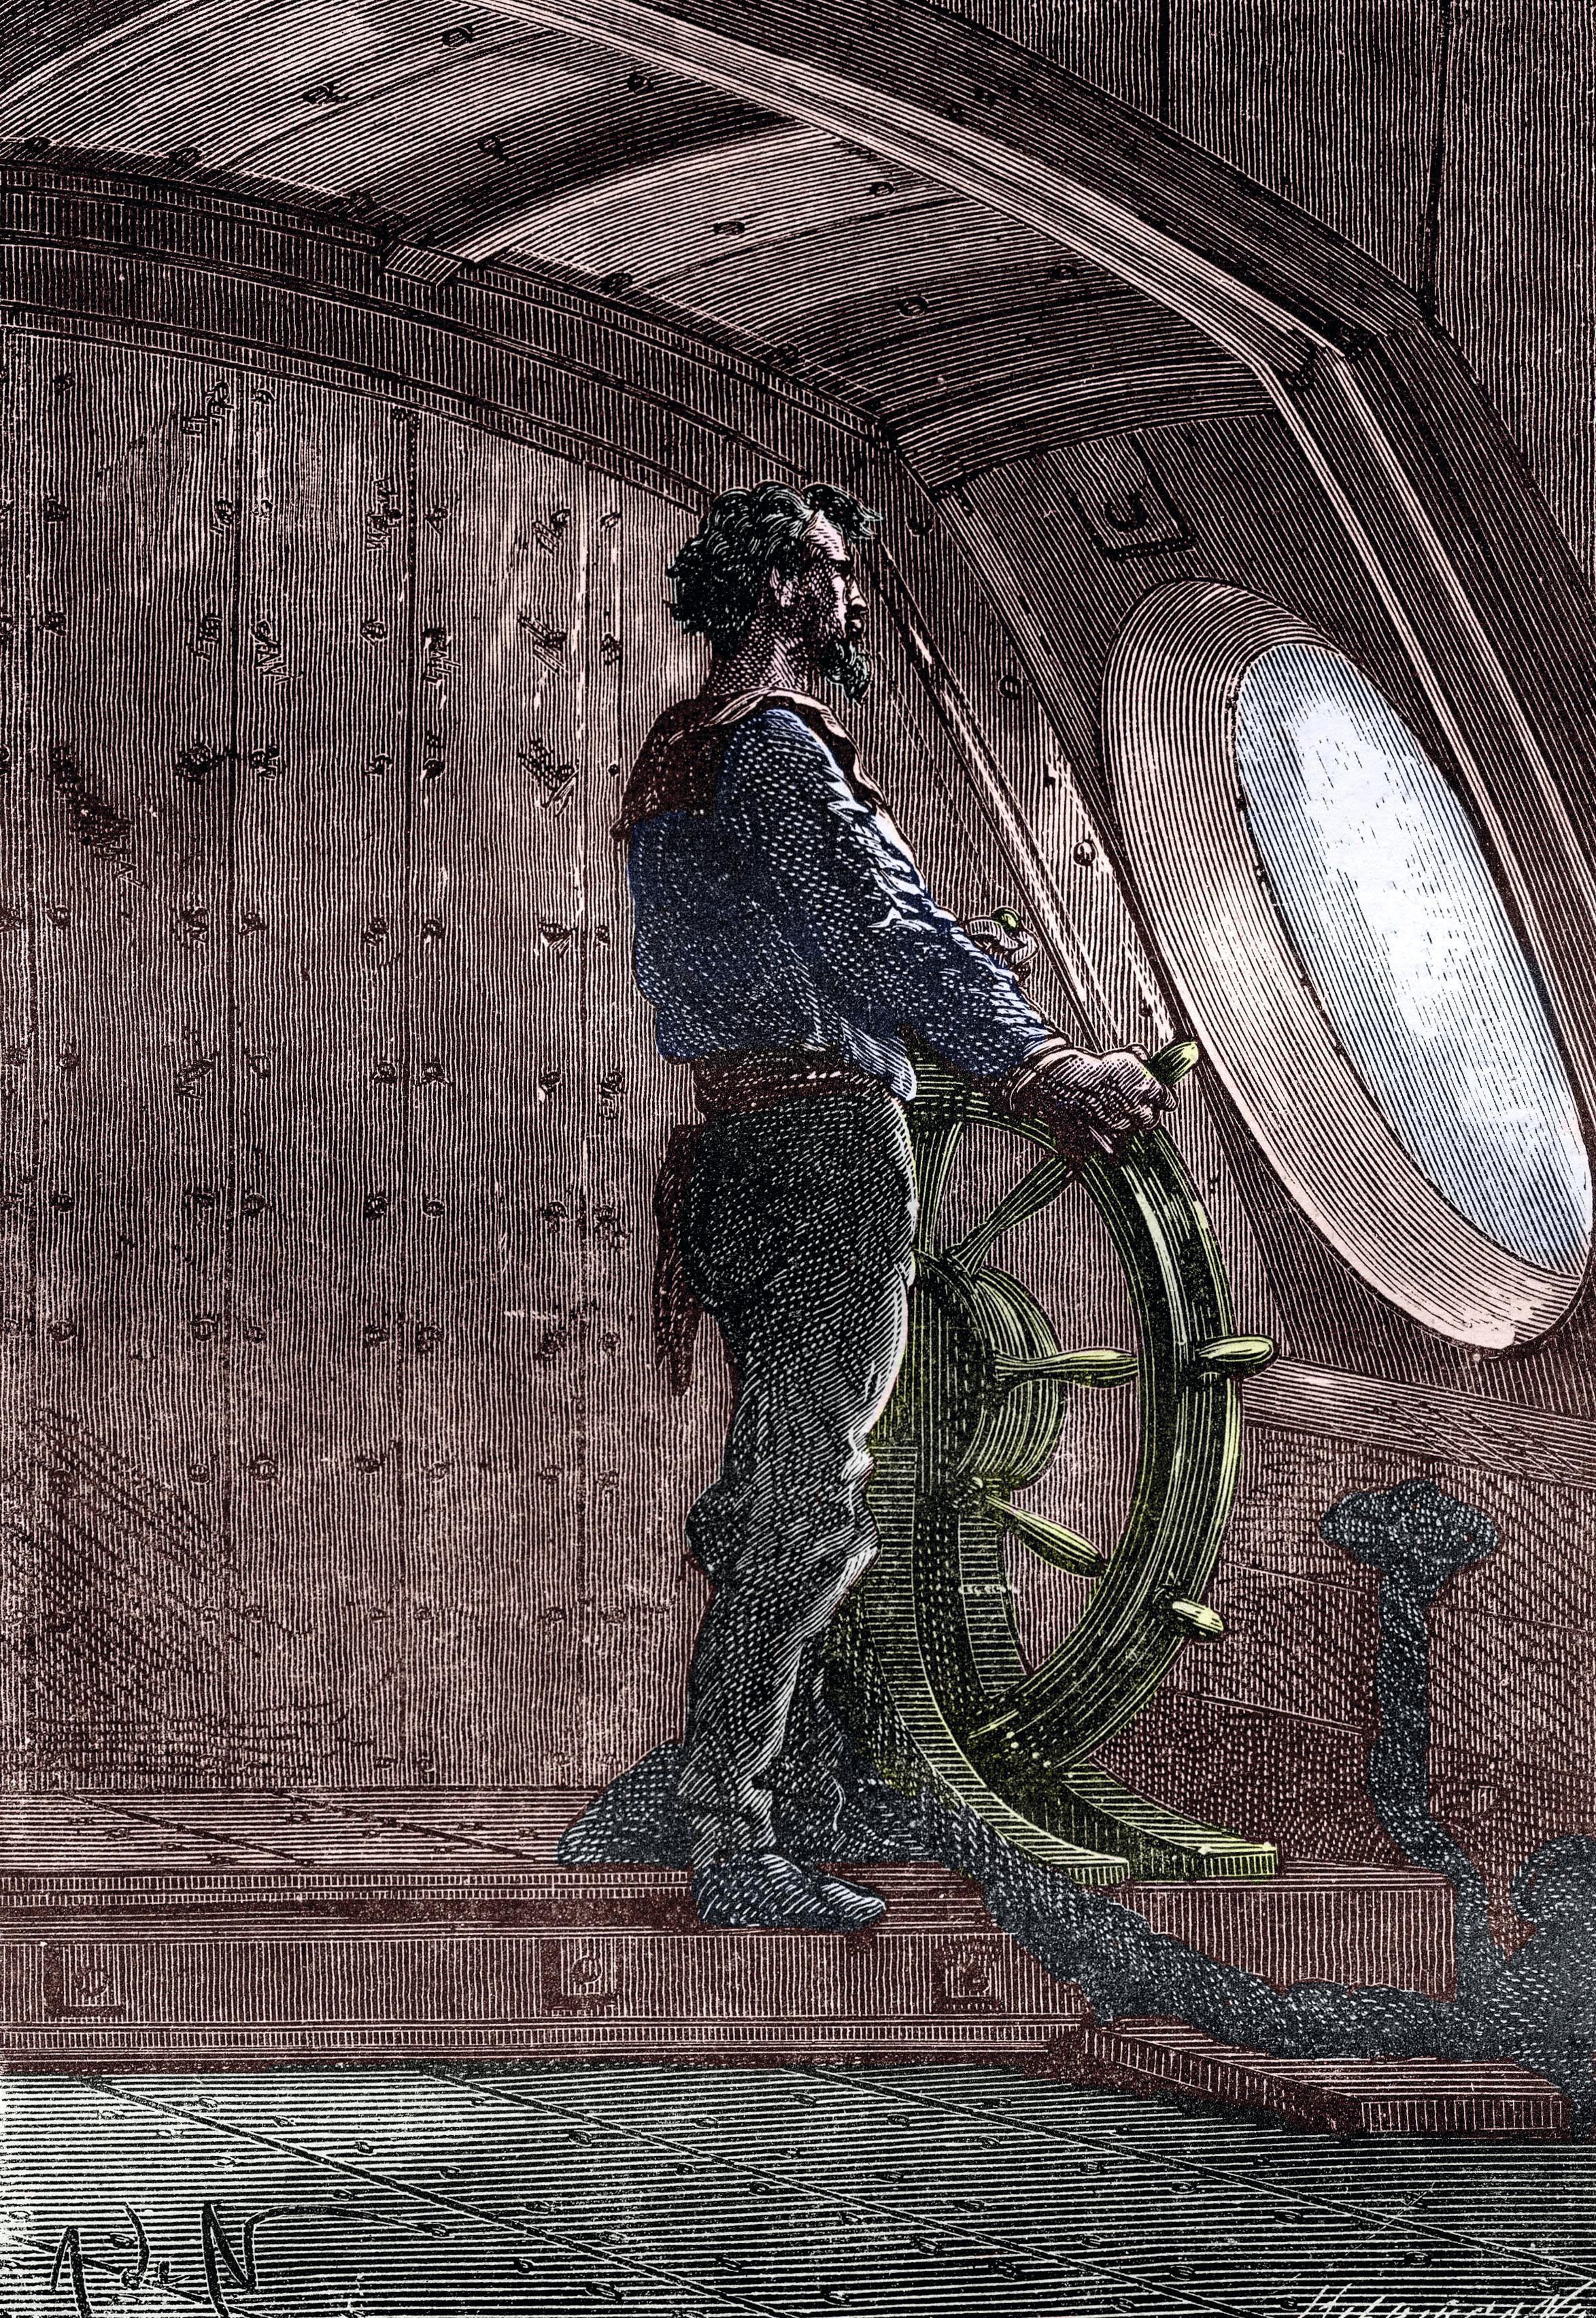 Gravure représentant le capitaine Nemo à la barre du Nautilus, 1870, Éditions Hetzel.